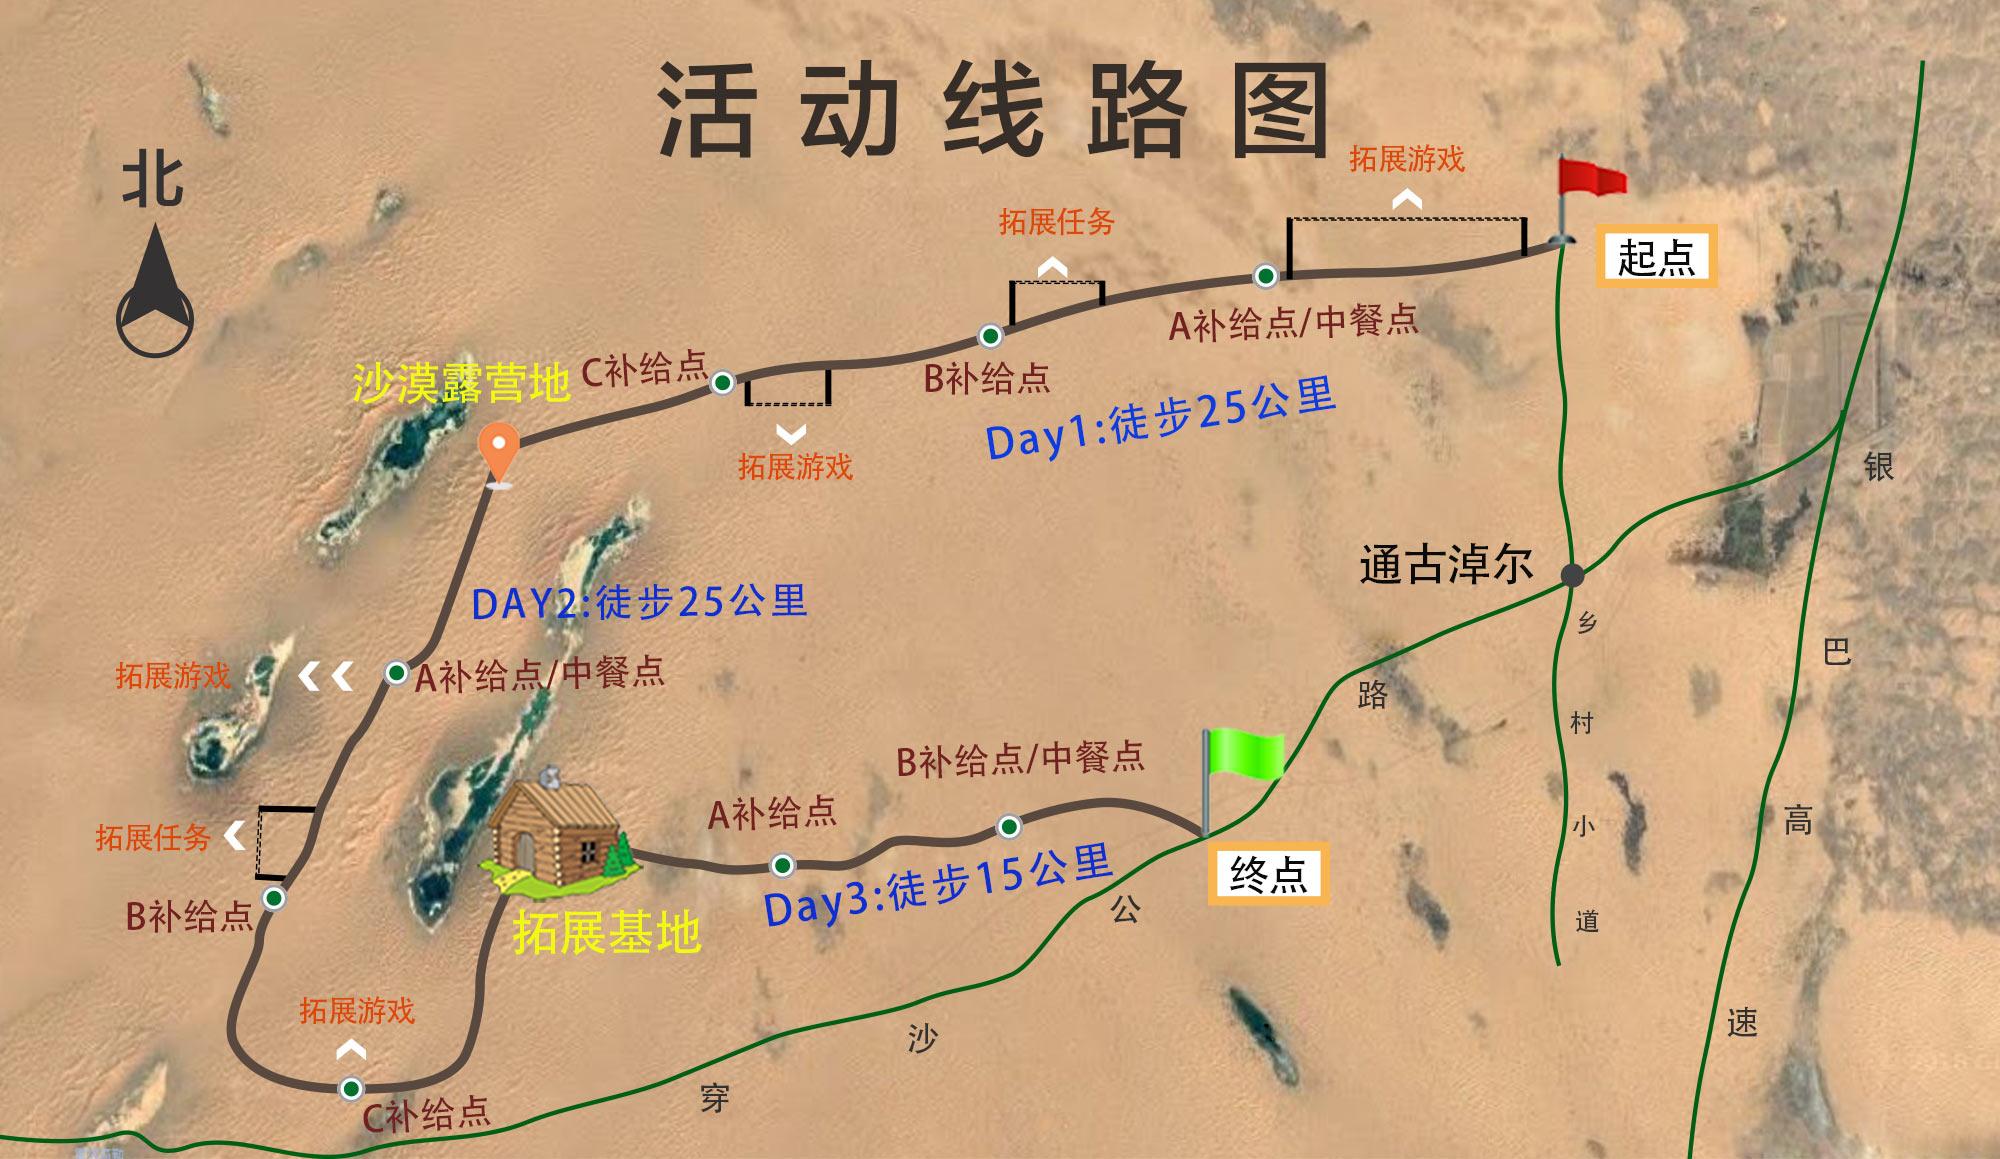 五天四晚徒步線路圖.jpg